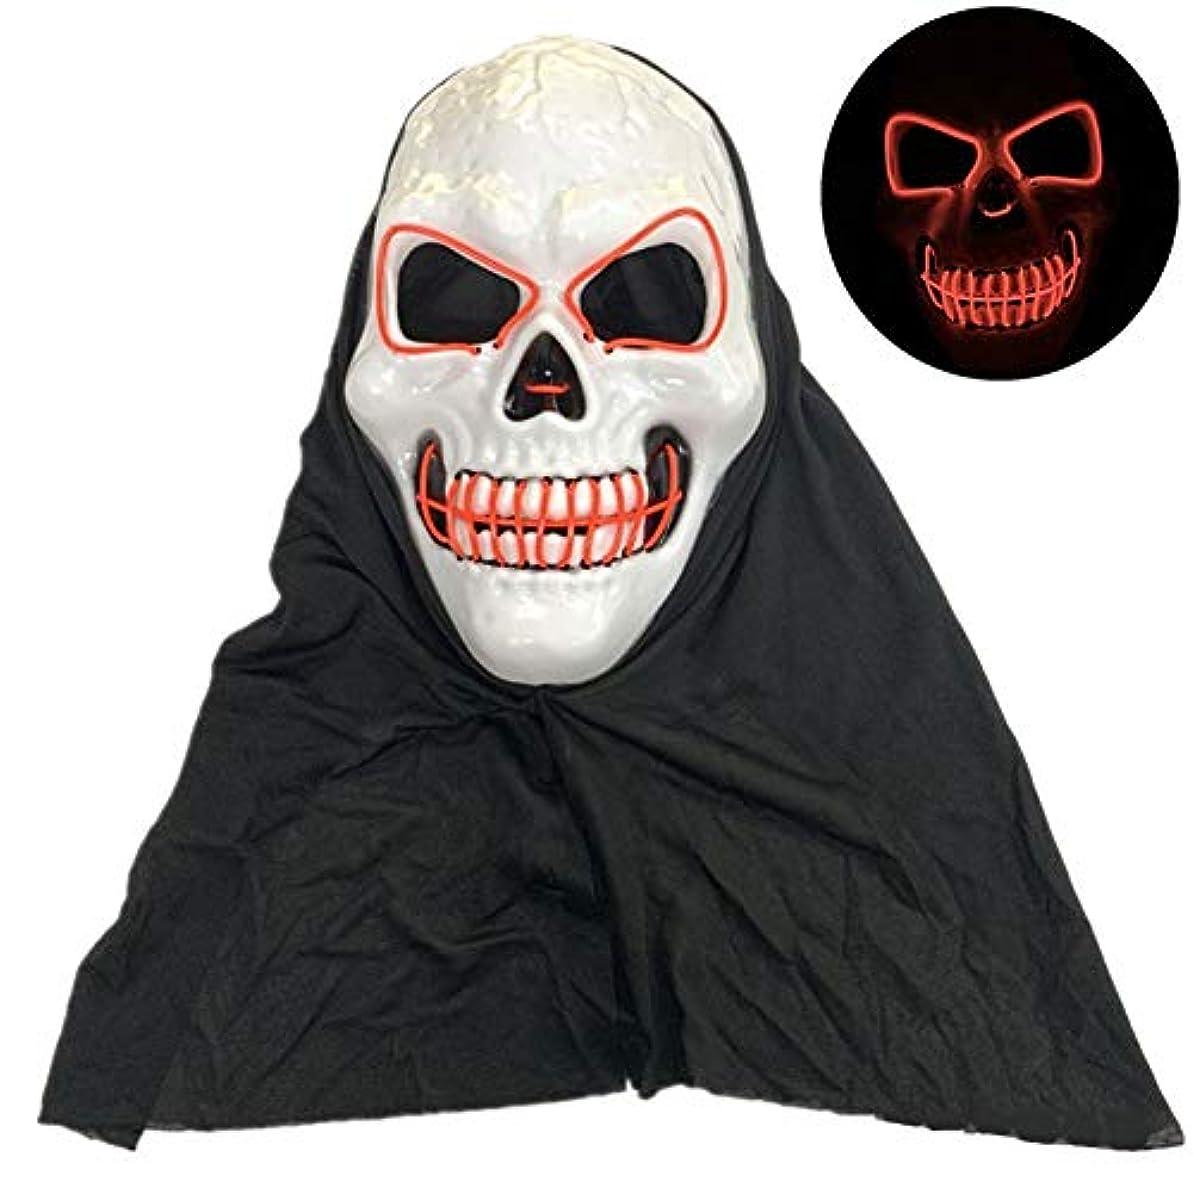 バリー側溝ソファーハロウィーンマスク、しかめっ面、テーマパーティー、カーニバル、ハロウィーン、レイブパーティー、仮面舞踏会などに適しています。